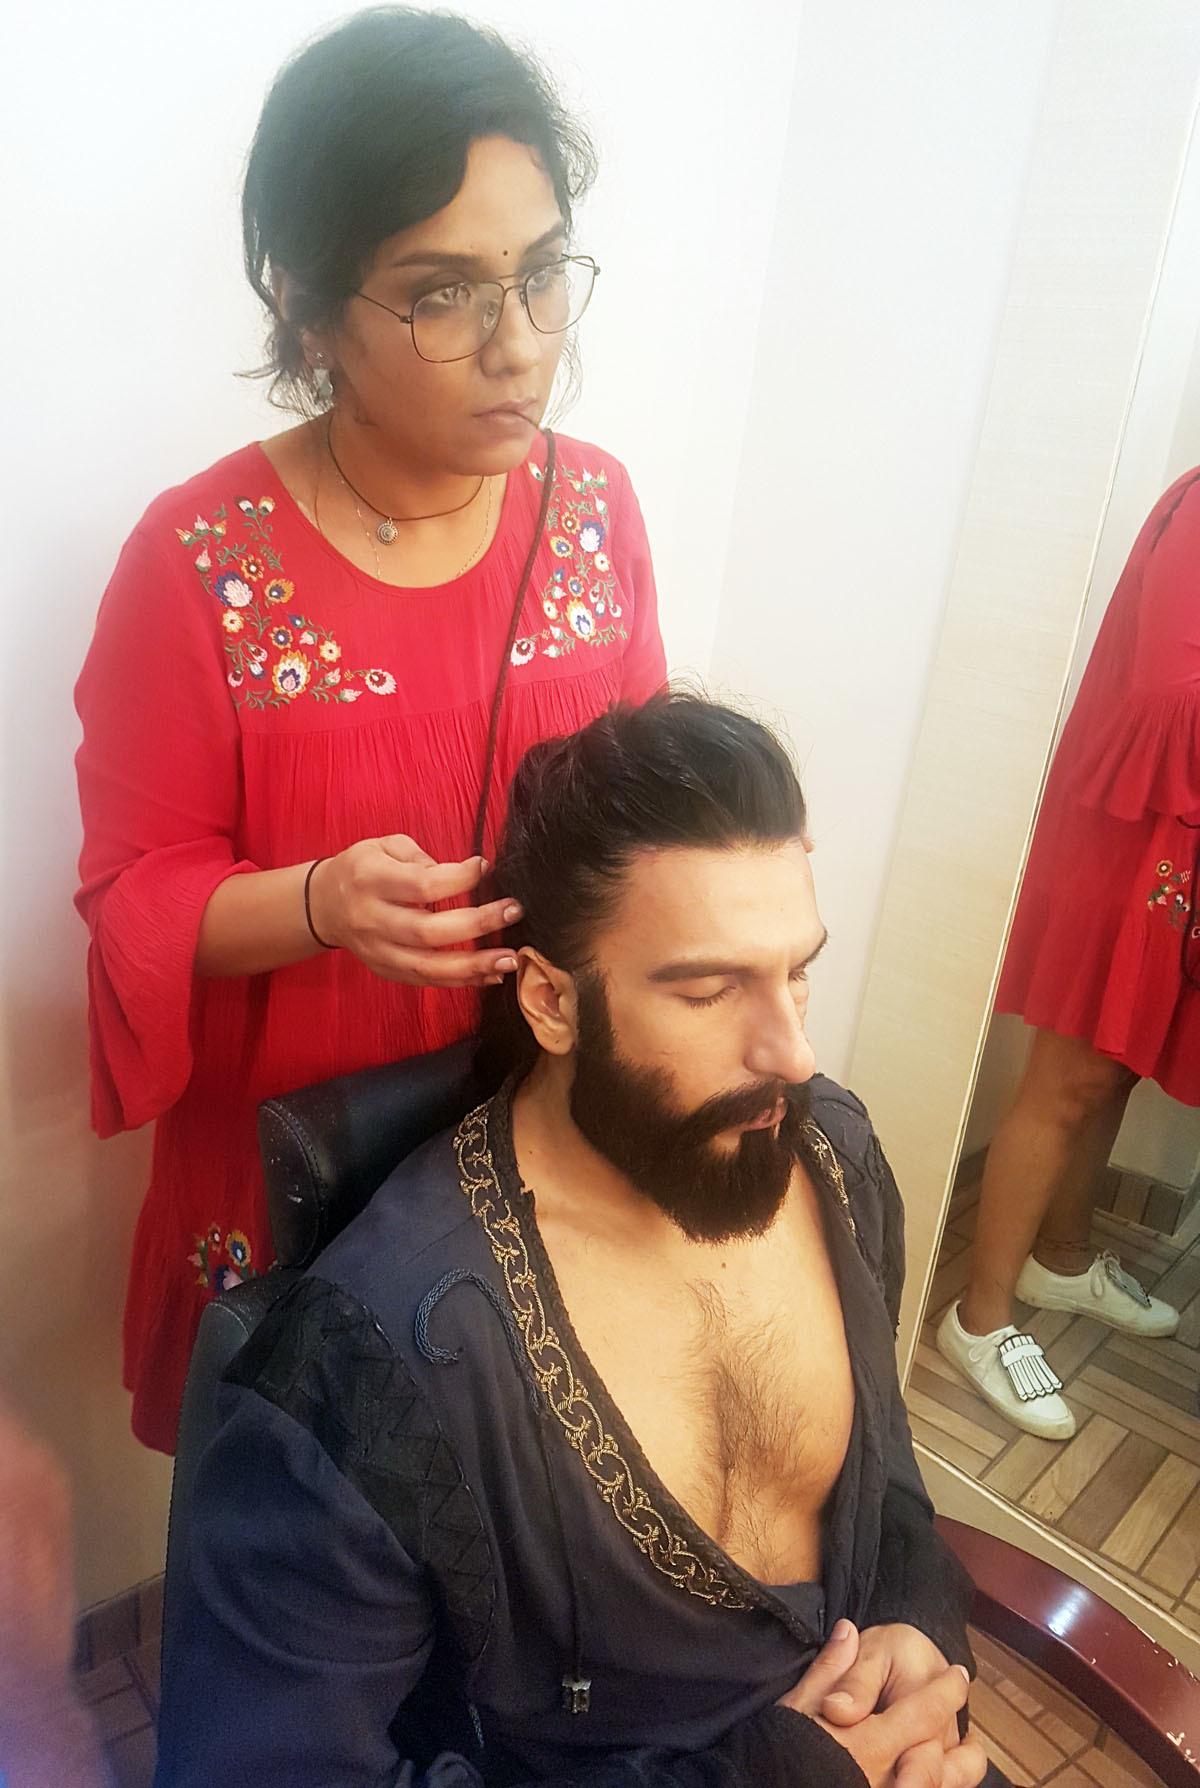 Preetisheel Singh working on Ranveer Singh's look on the sets of Padmaavat. Pic 1.